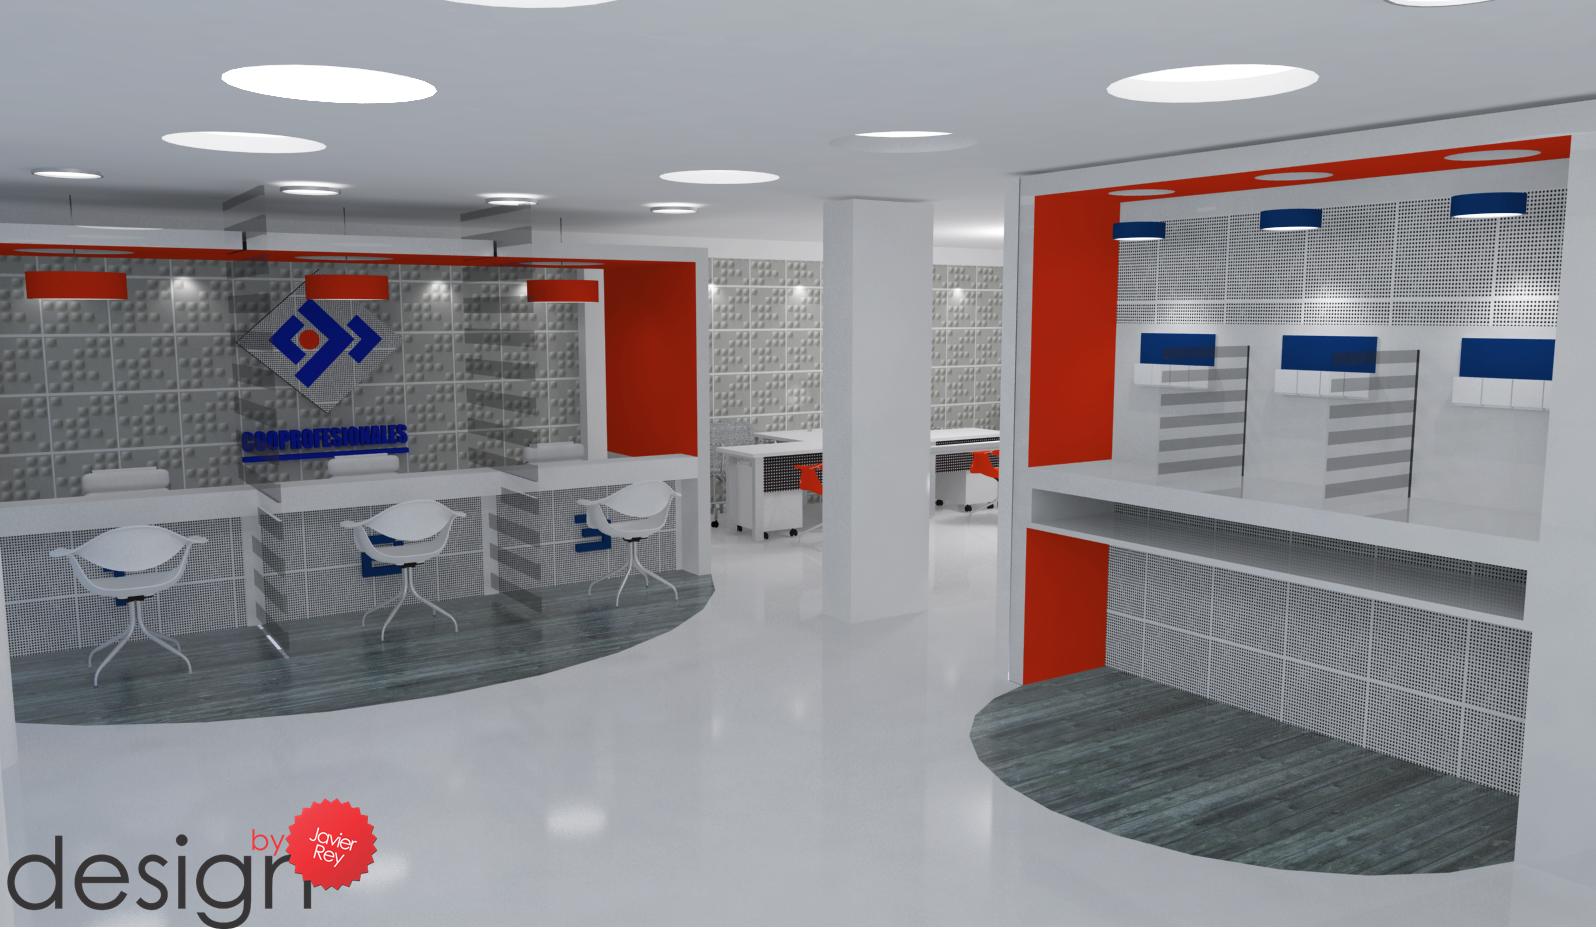 Dise os de oficinas dise o interiorismo construccion for Oficinas y cajeros